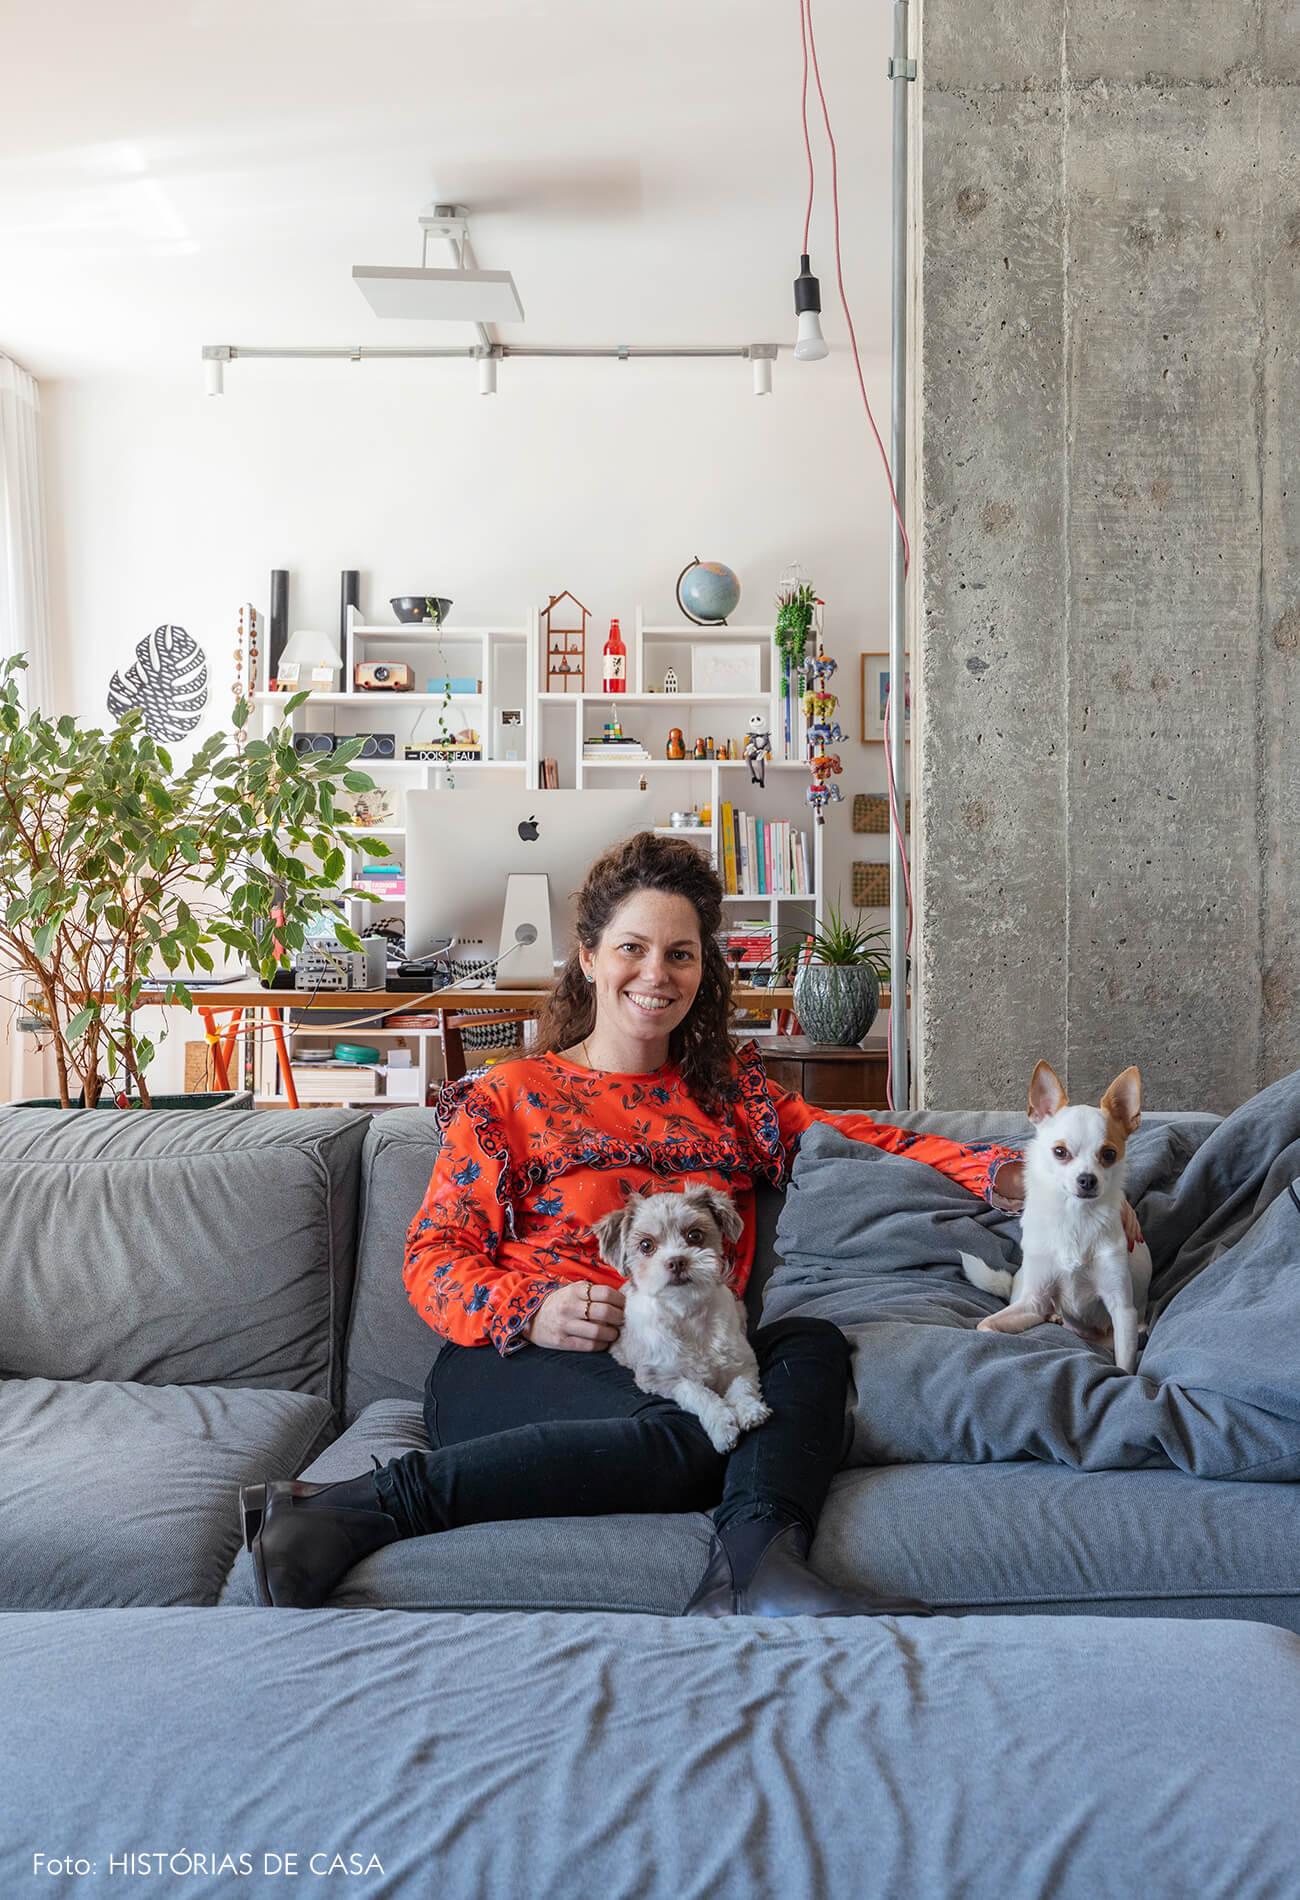 Retrato Ana com cachorros no sofá azul